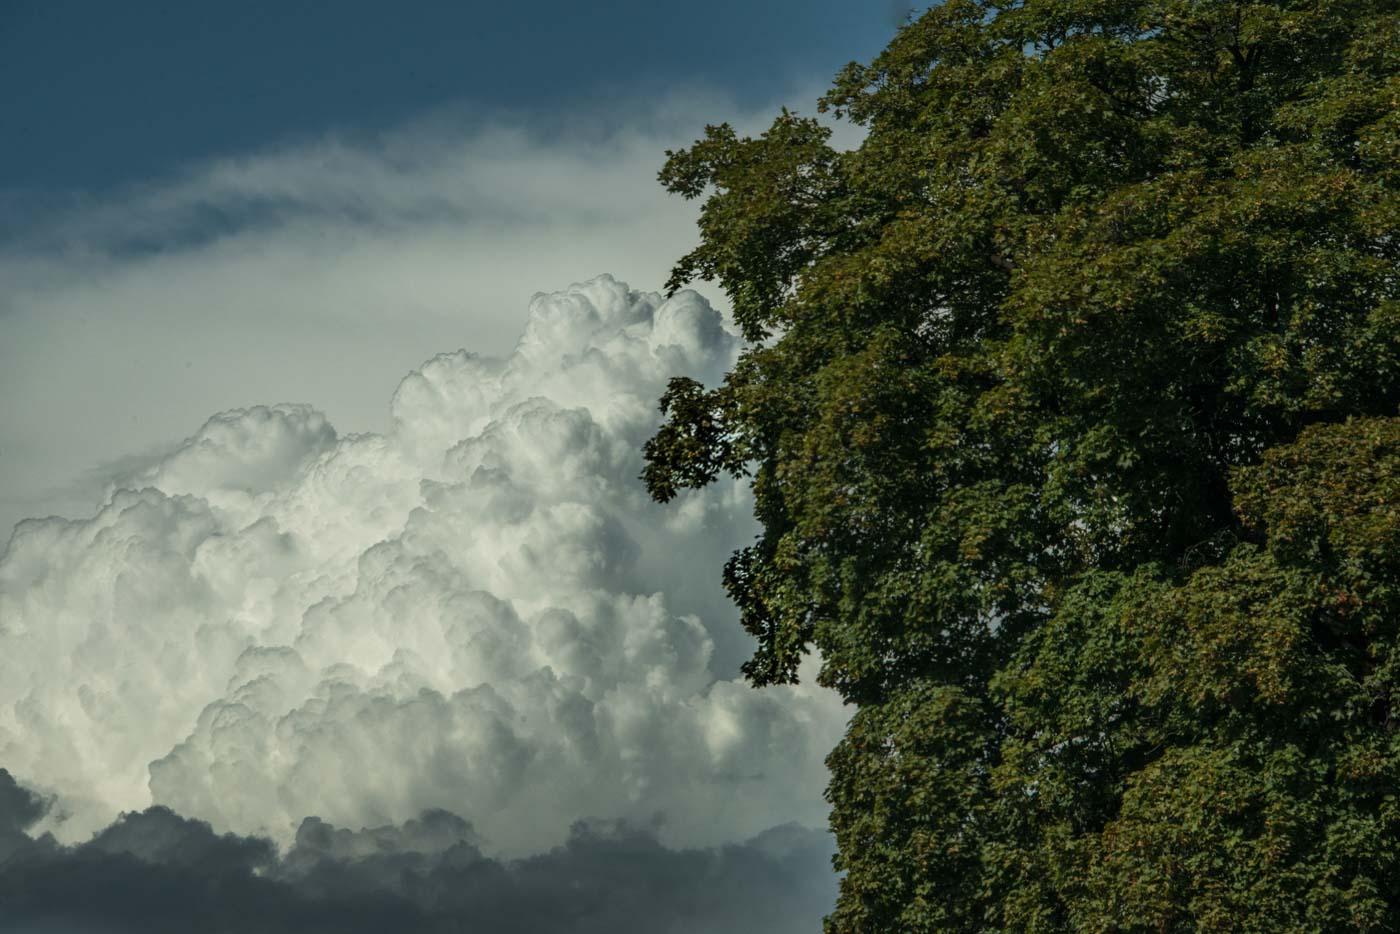 Cloud and Tree ,Smithfield, Utah 2017 © Robert Welkie